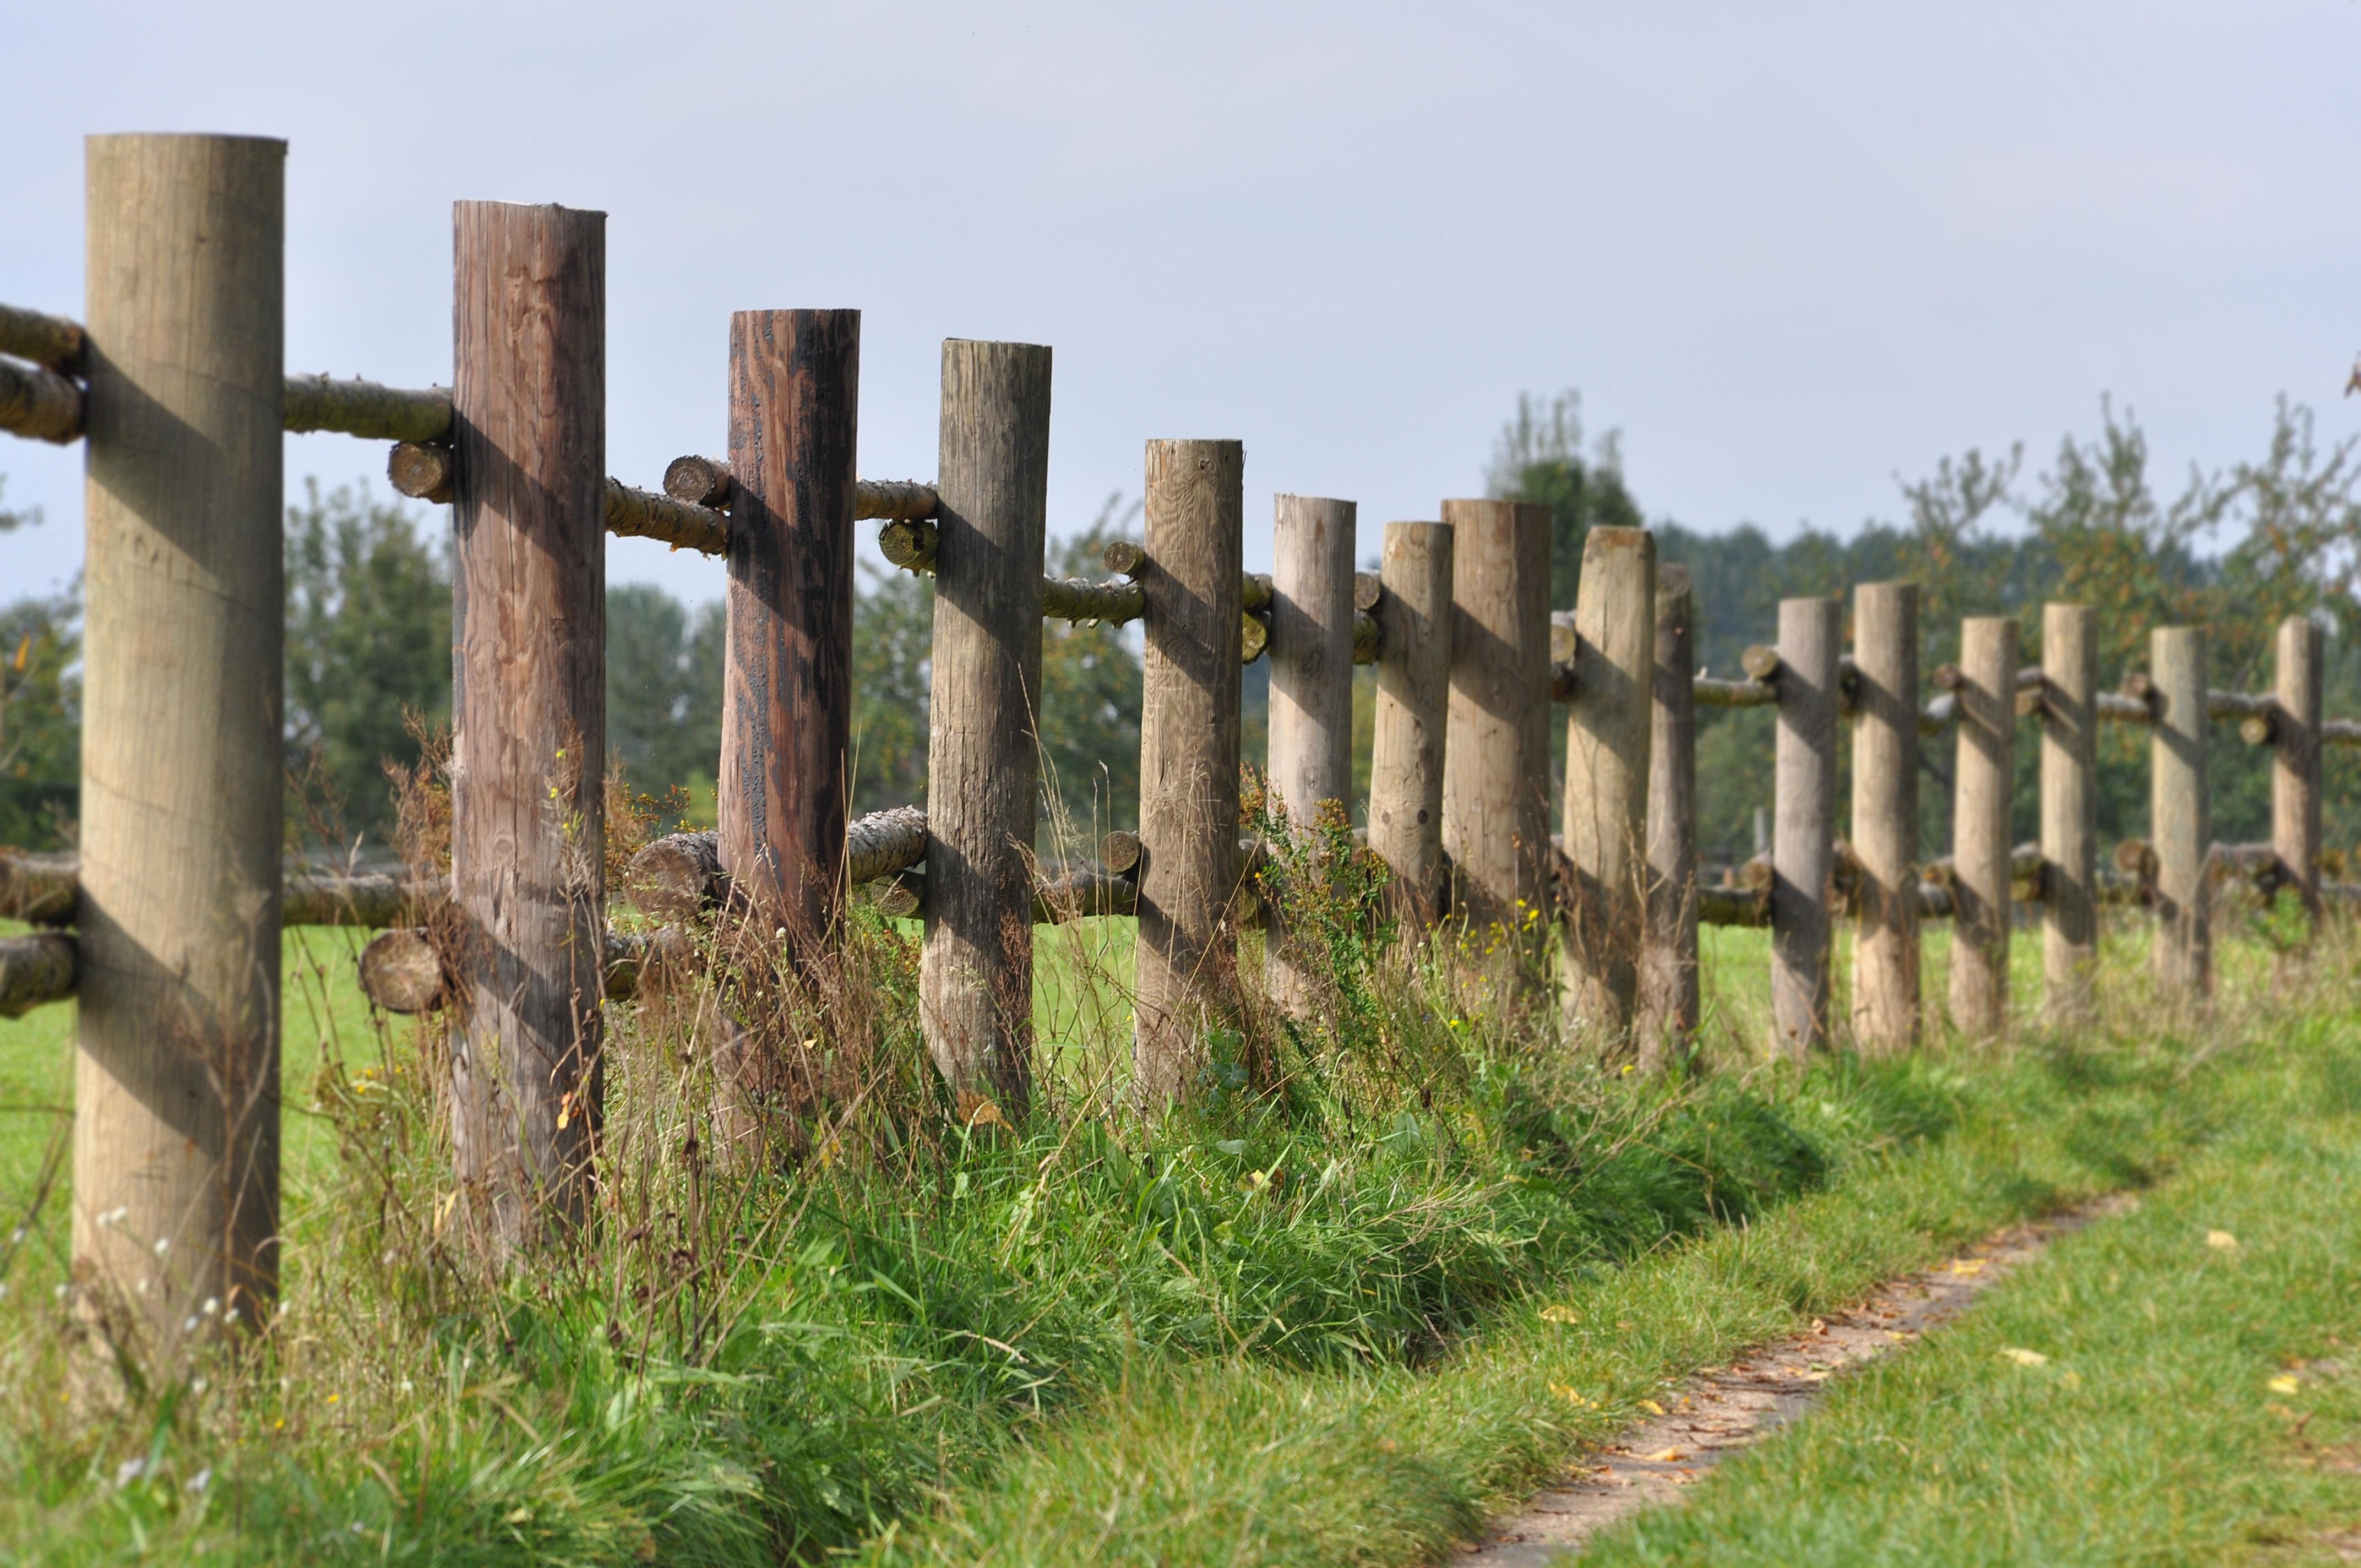 Kostenlose foto Landschaft Natur Zaun Holz Wiese Mauer